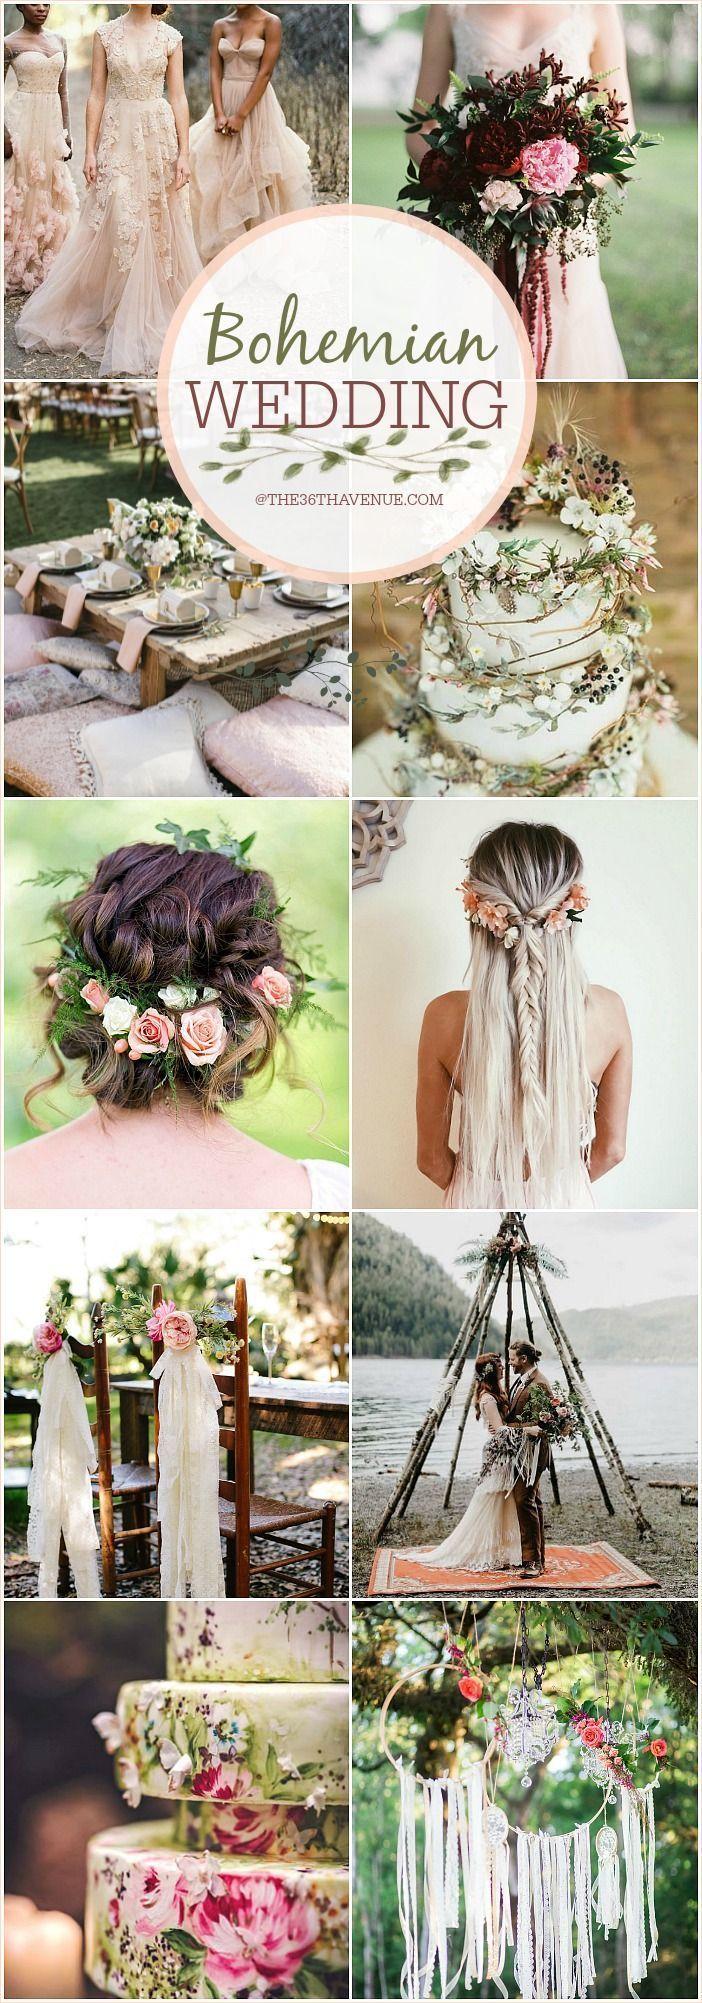 Bohemian Wedding Ideen – diese Boho Chic Hochzeiten sind wunderschön und die perfekte i